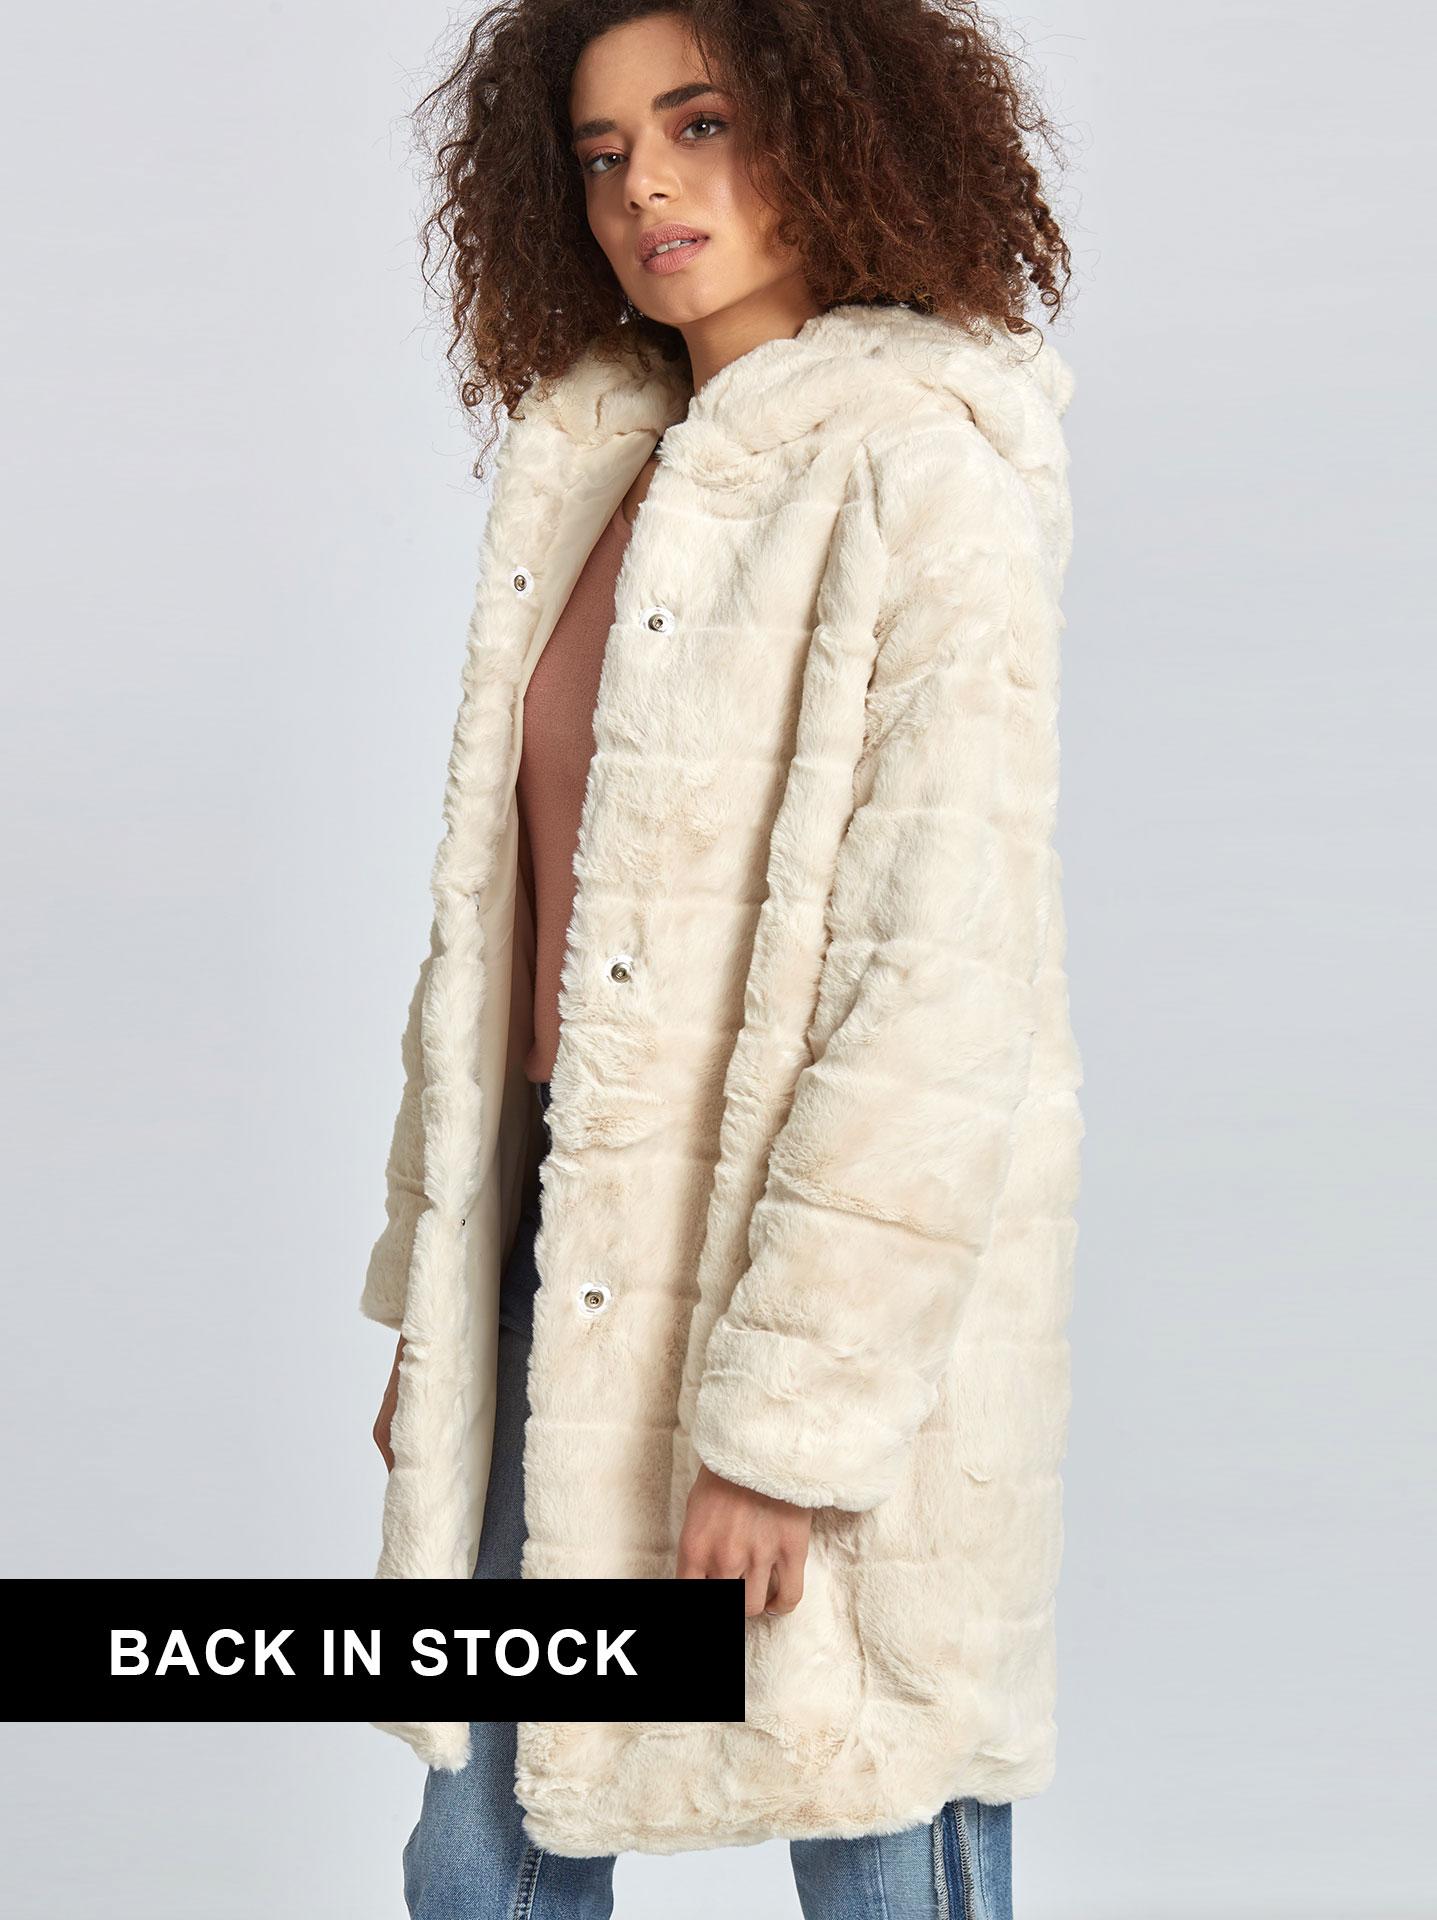 Παλτό από συνθετική-οικολογική γούνα σε εκρου 763eaaefd55